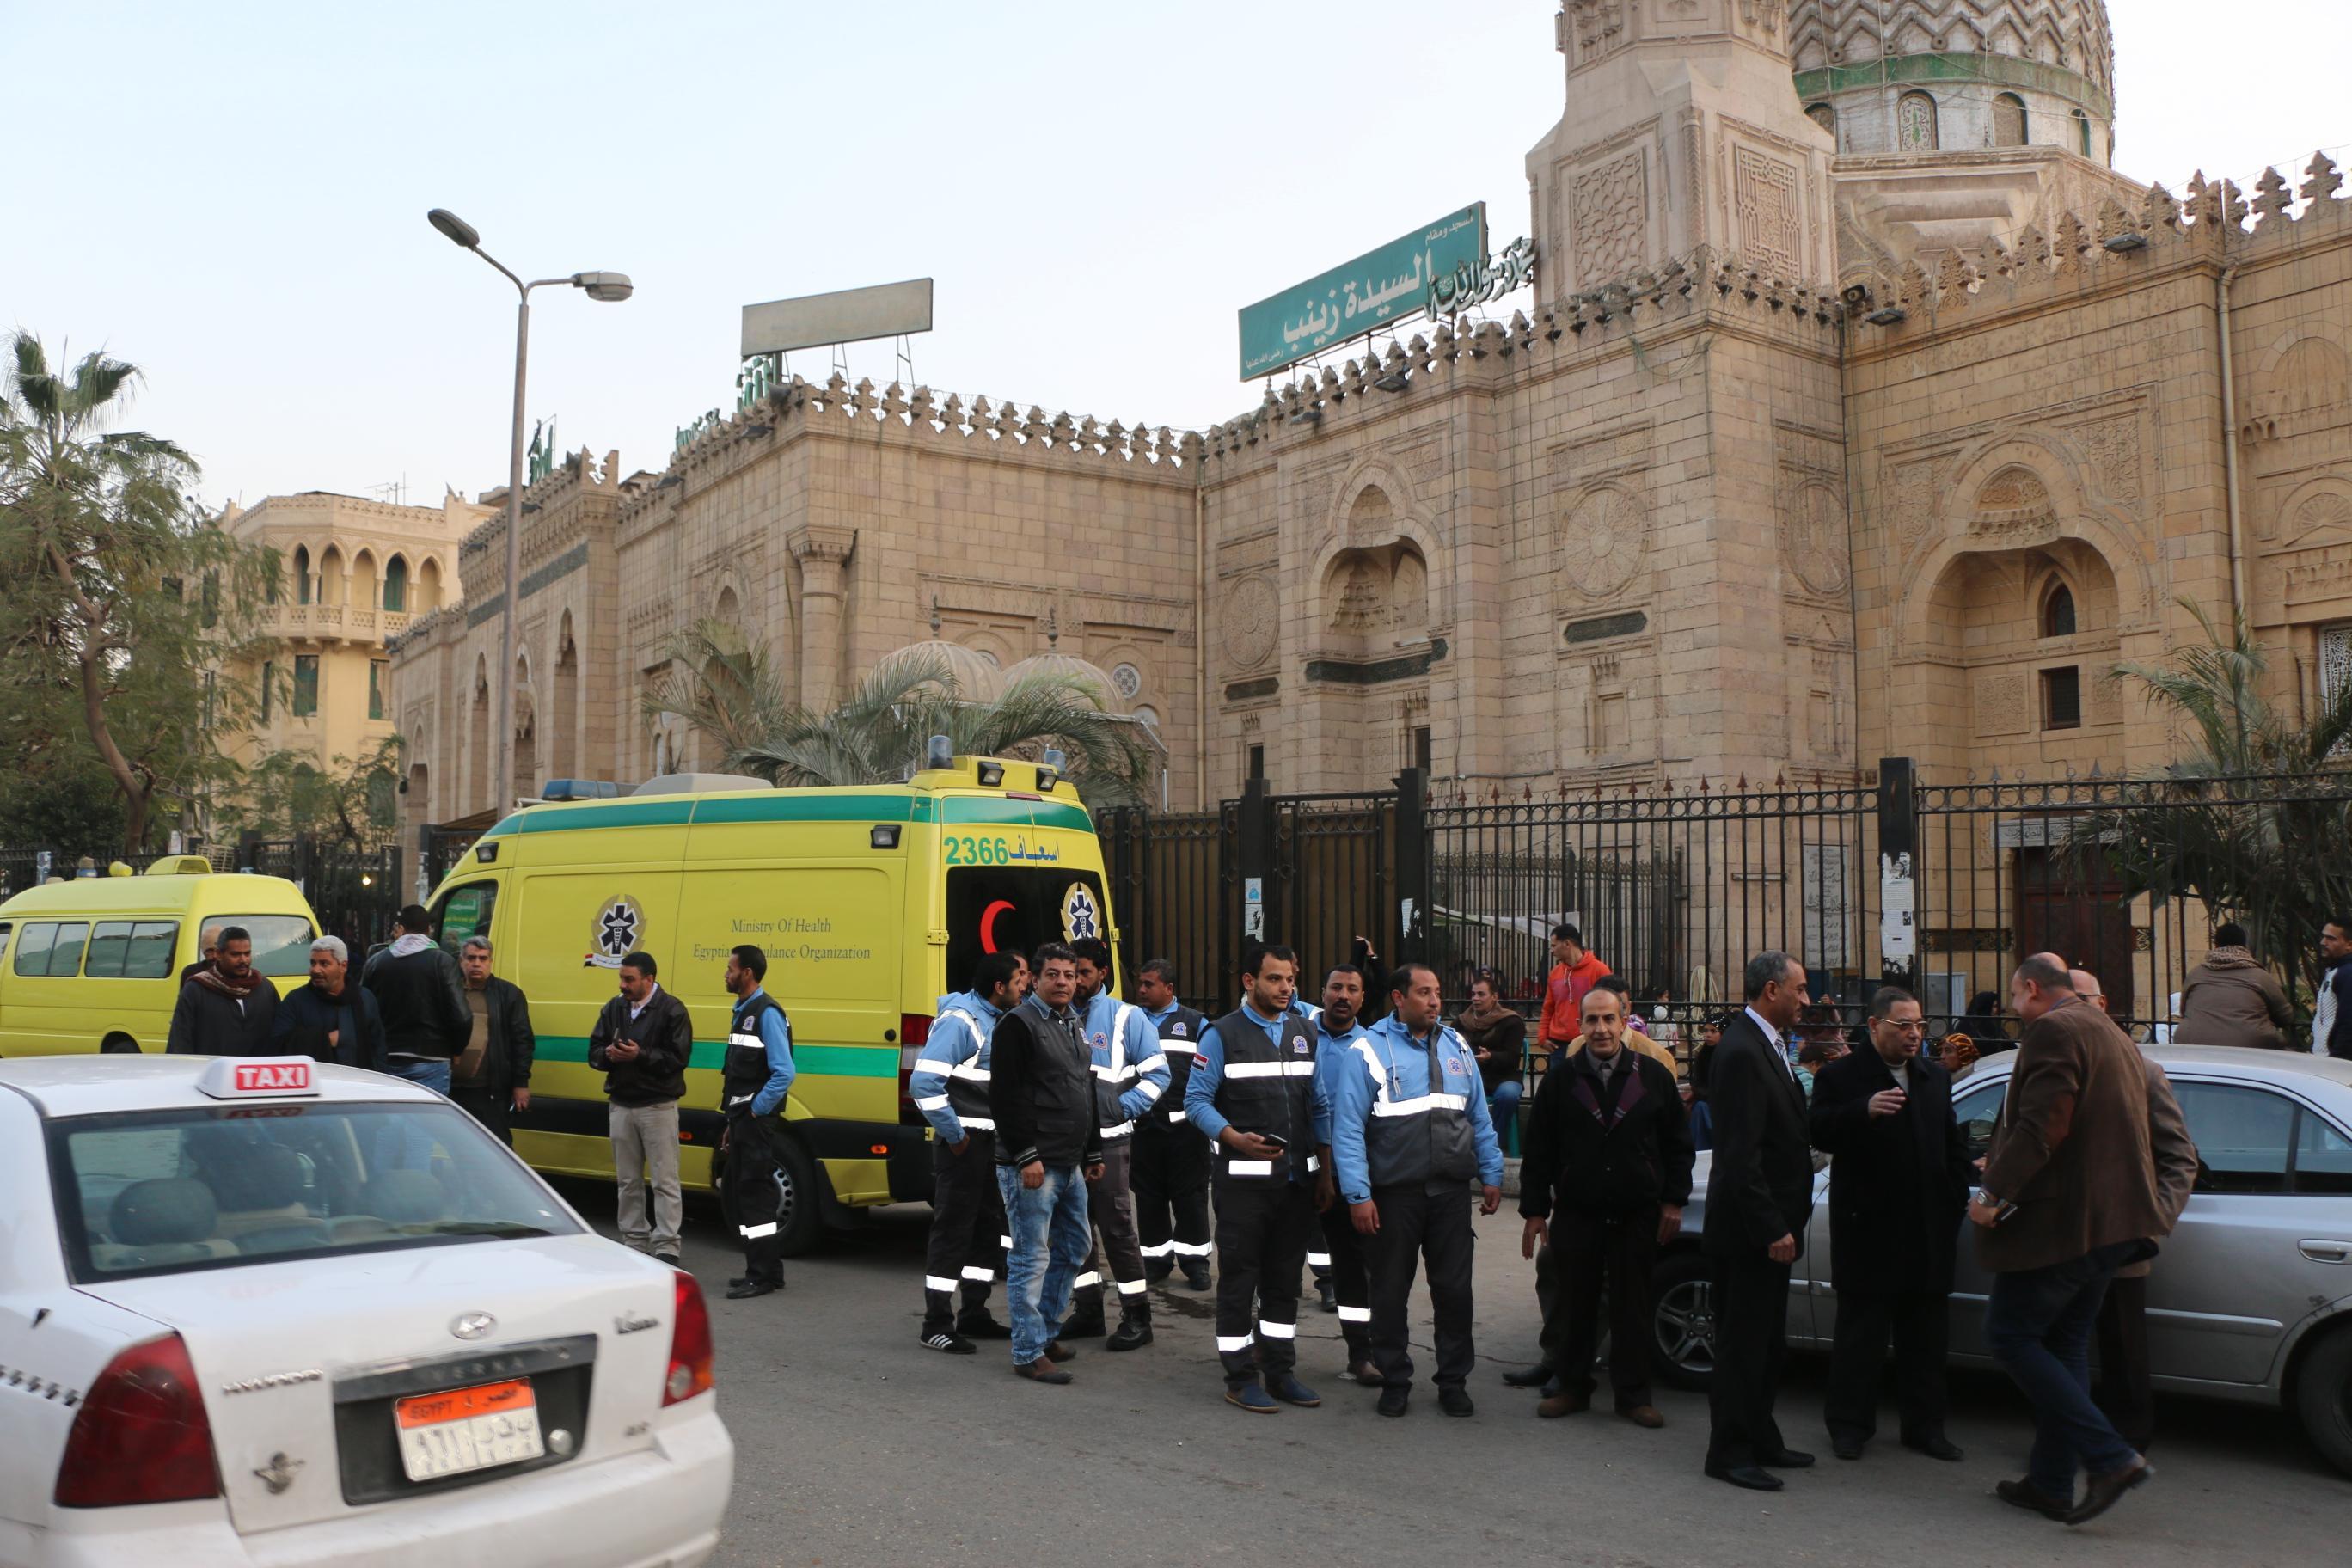 فرق الانقاذ وسيارات الاغاثة تجوب شوارع وميادين القاهرة لإنقاذ المشردين  (1)